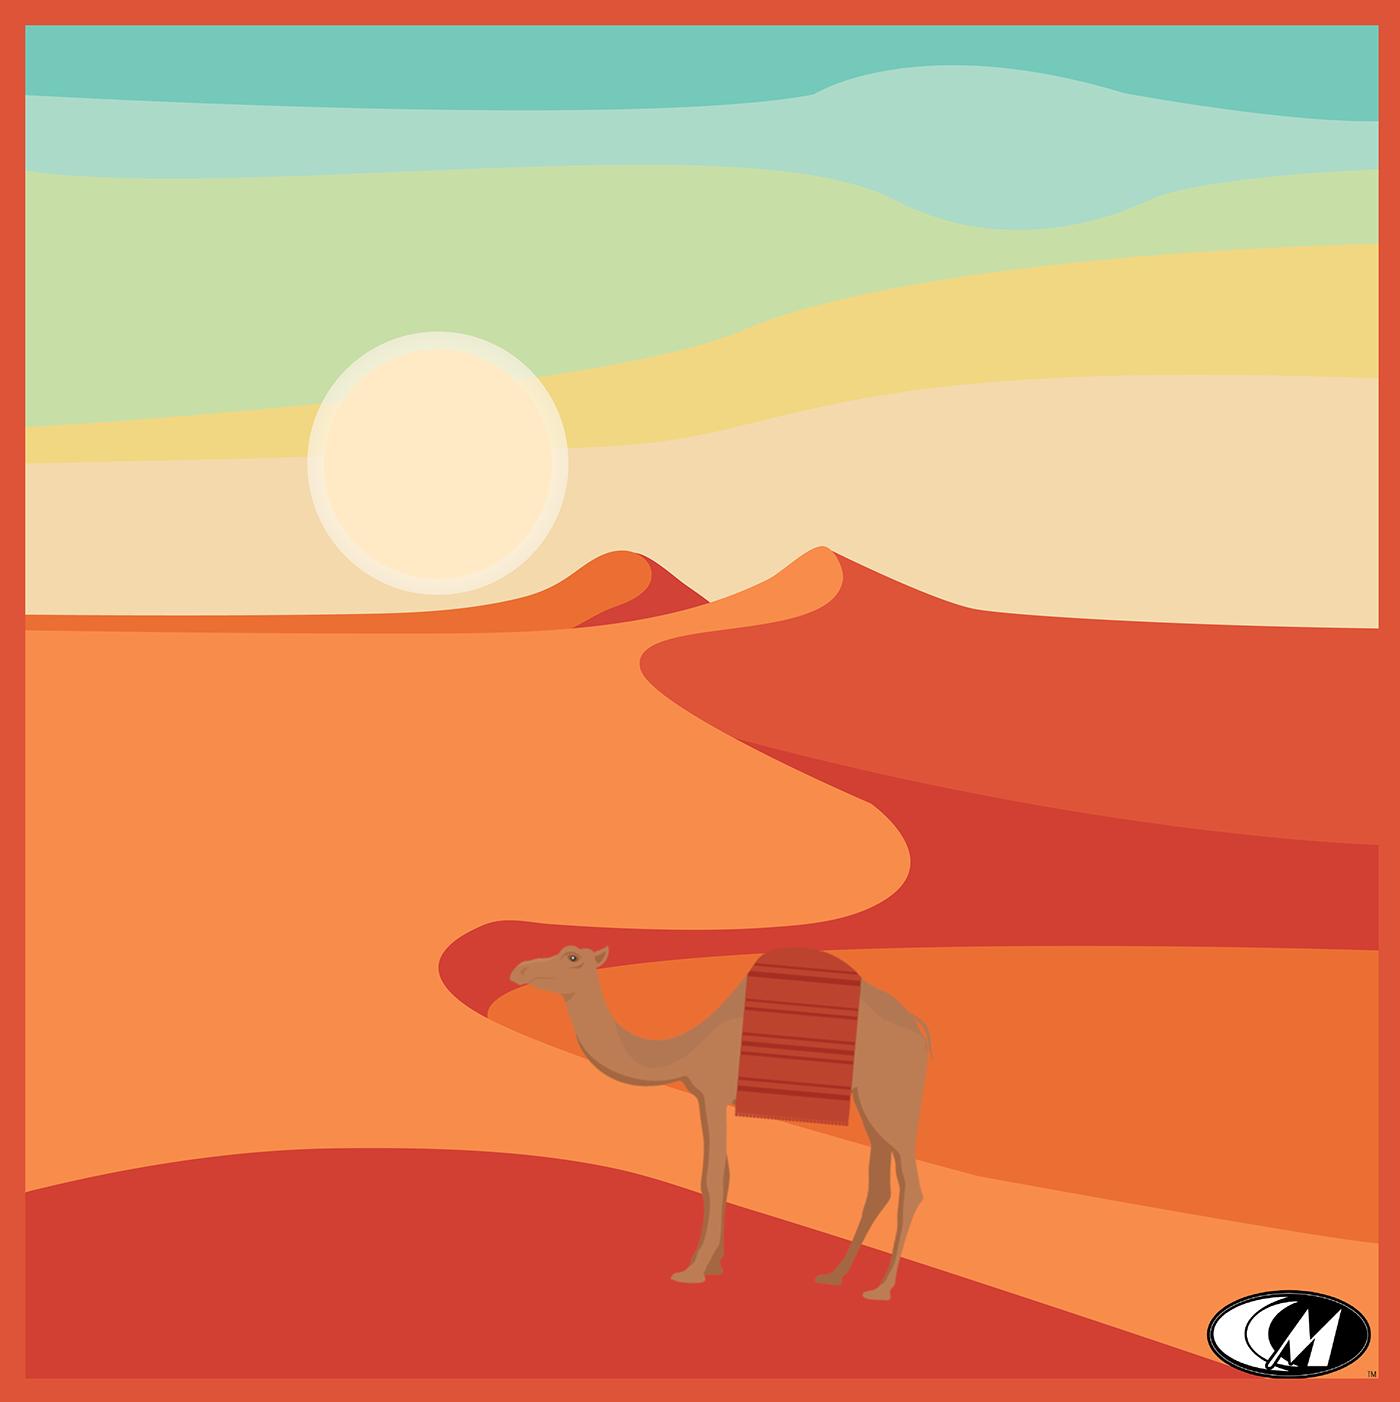 desert sand camel Landscape sand dunes graphic design